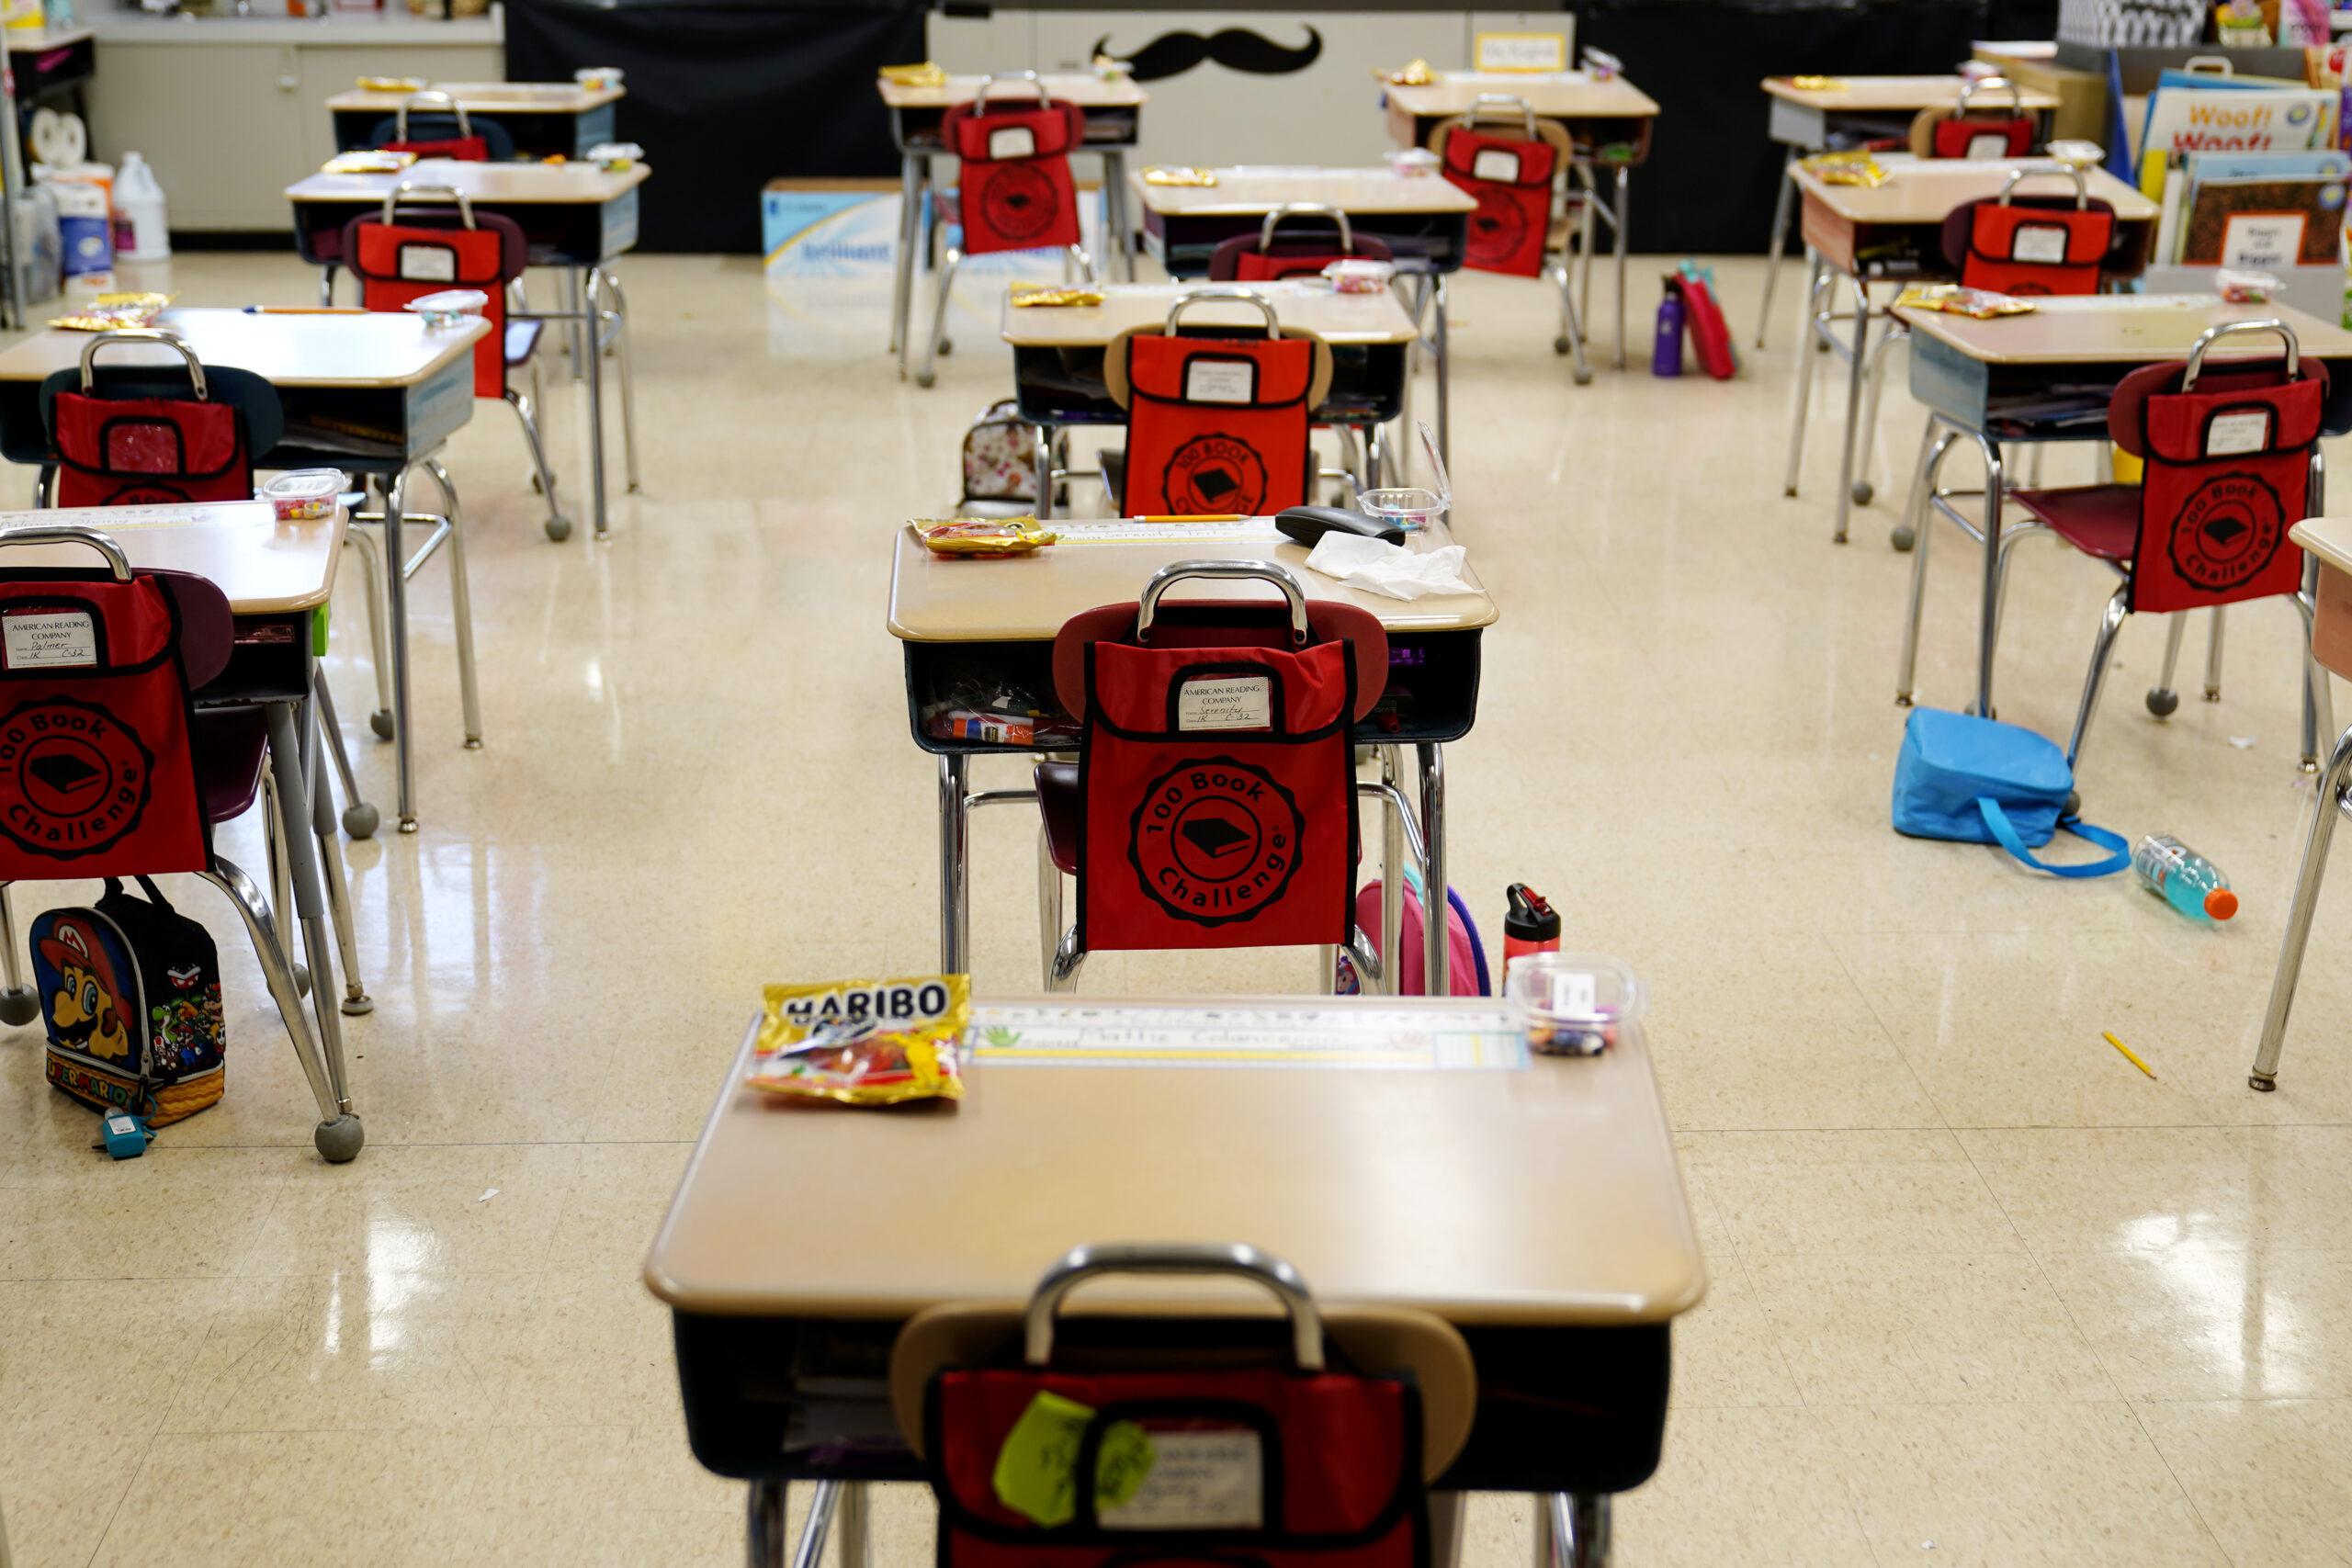 schools classroom desks students